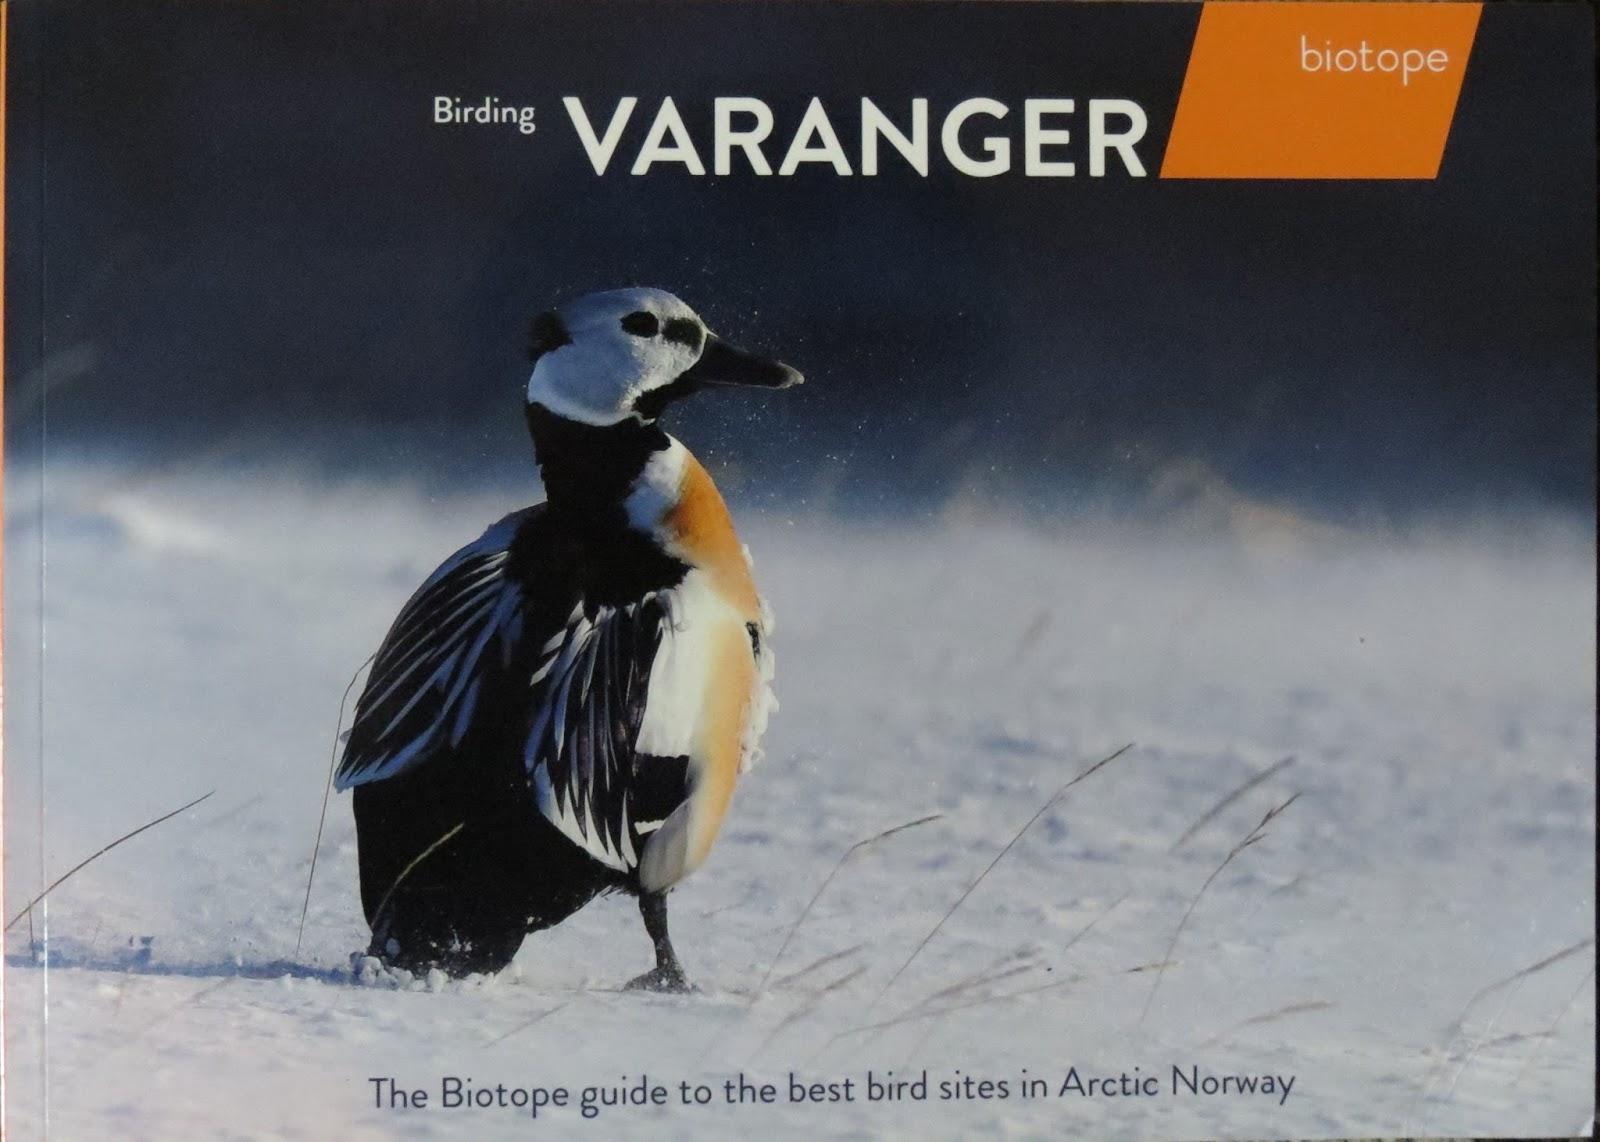 UK400ClubRareBirdAlert: Birding Varanger | 1600 x 1142 jpeg 195kB